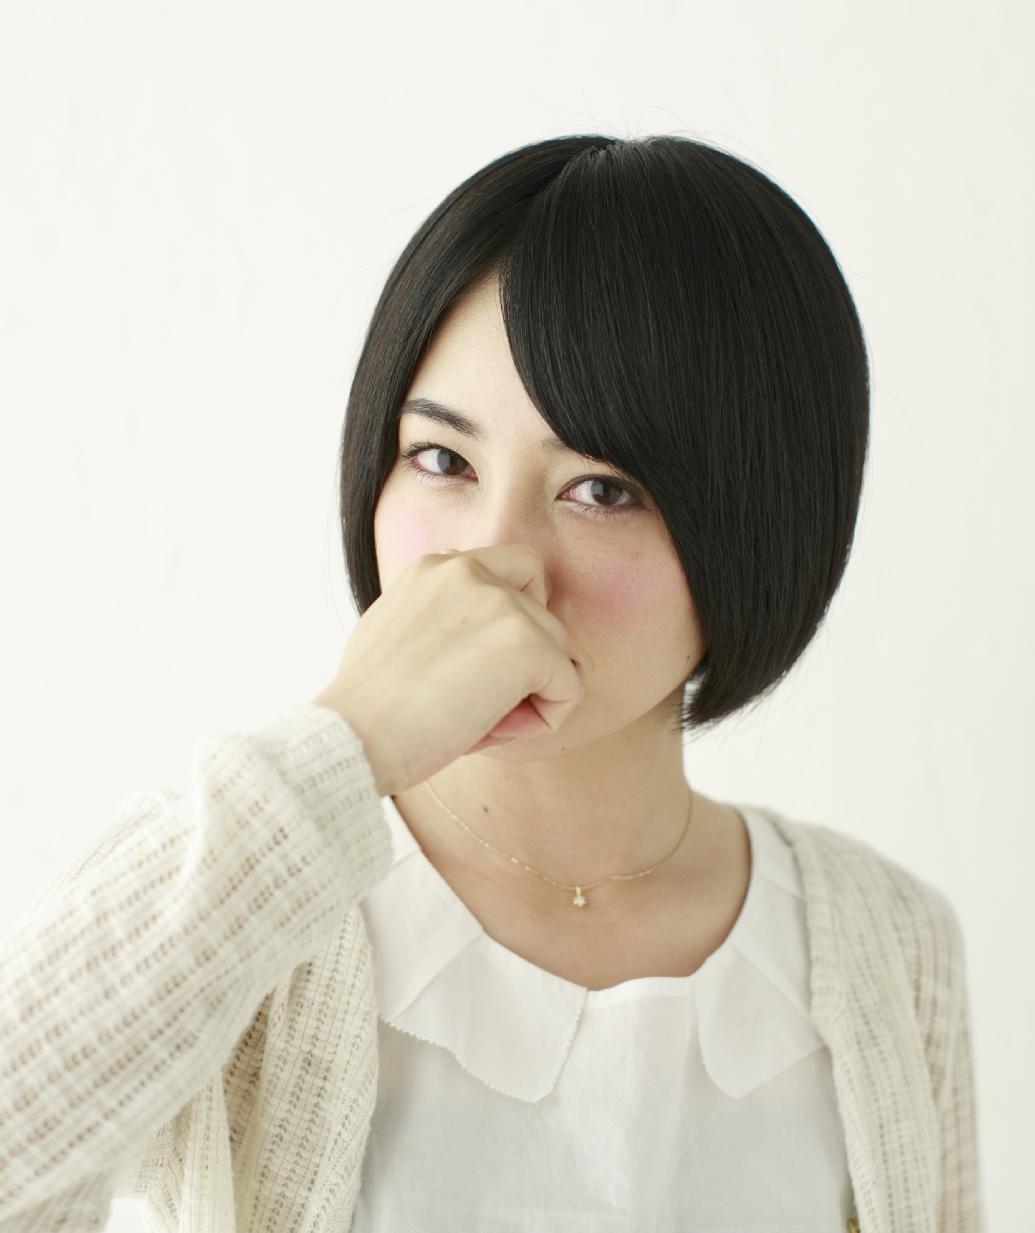 鼻息が臭い原因と対策